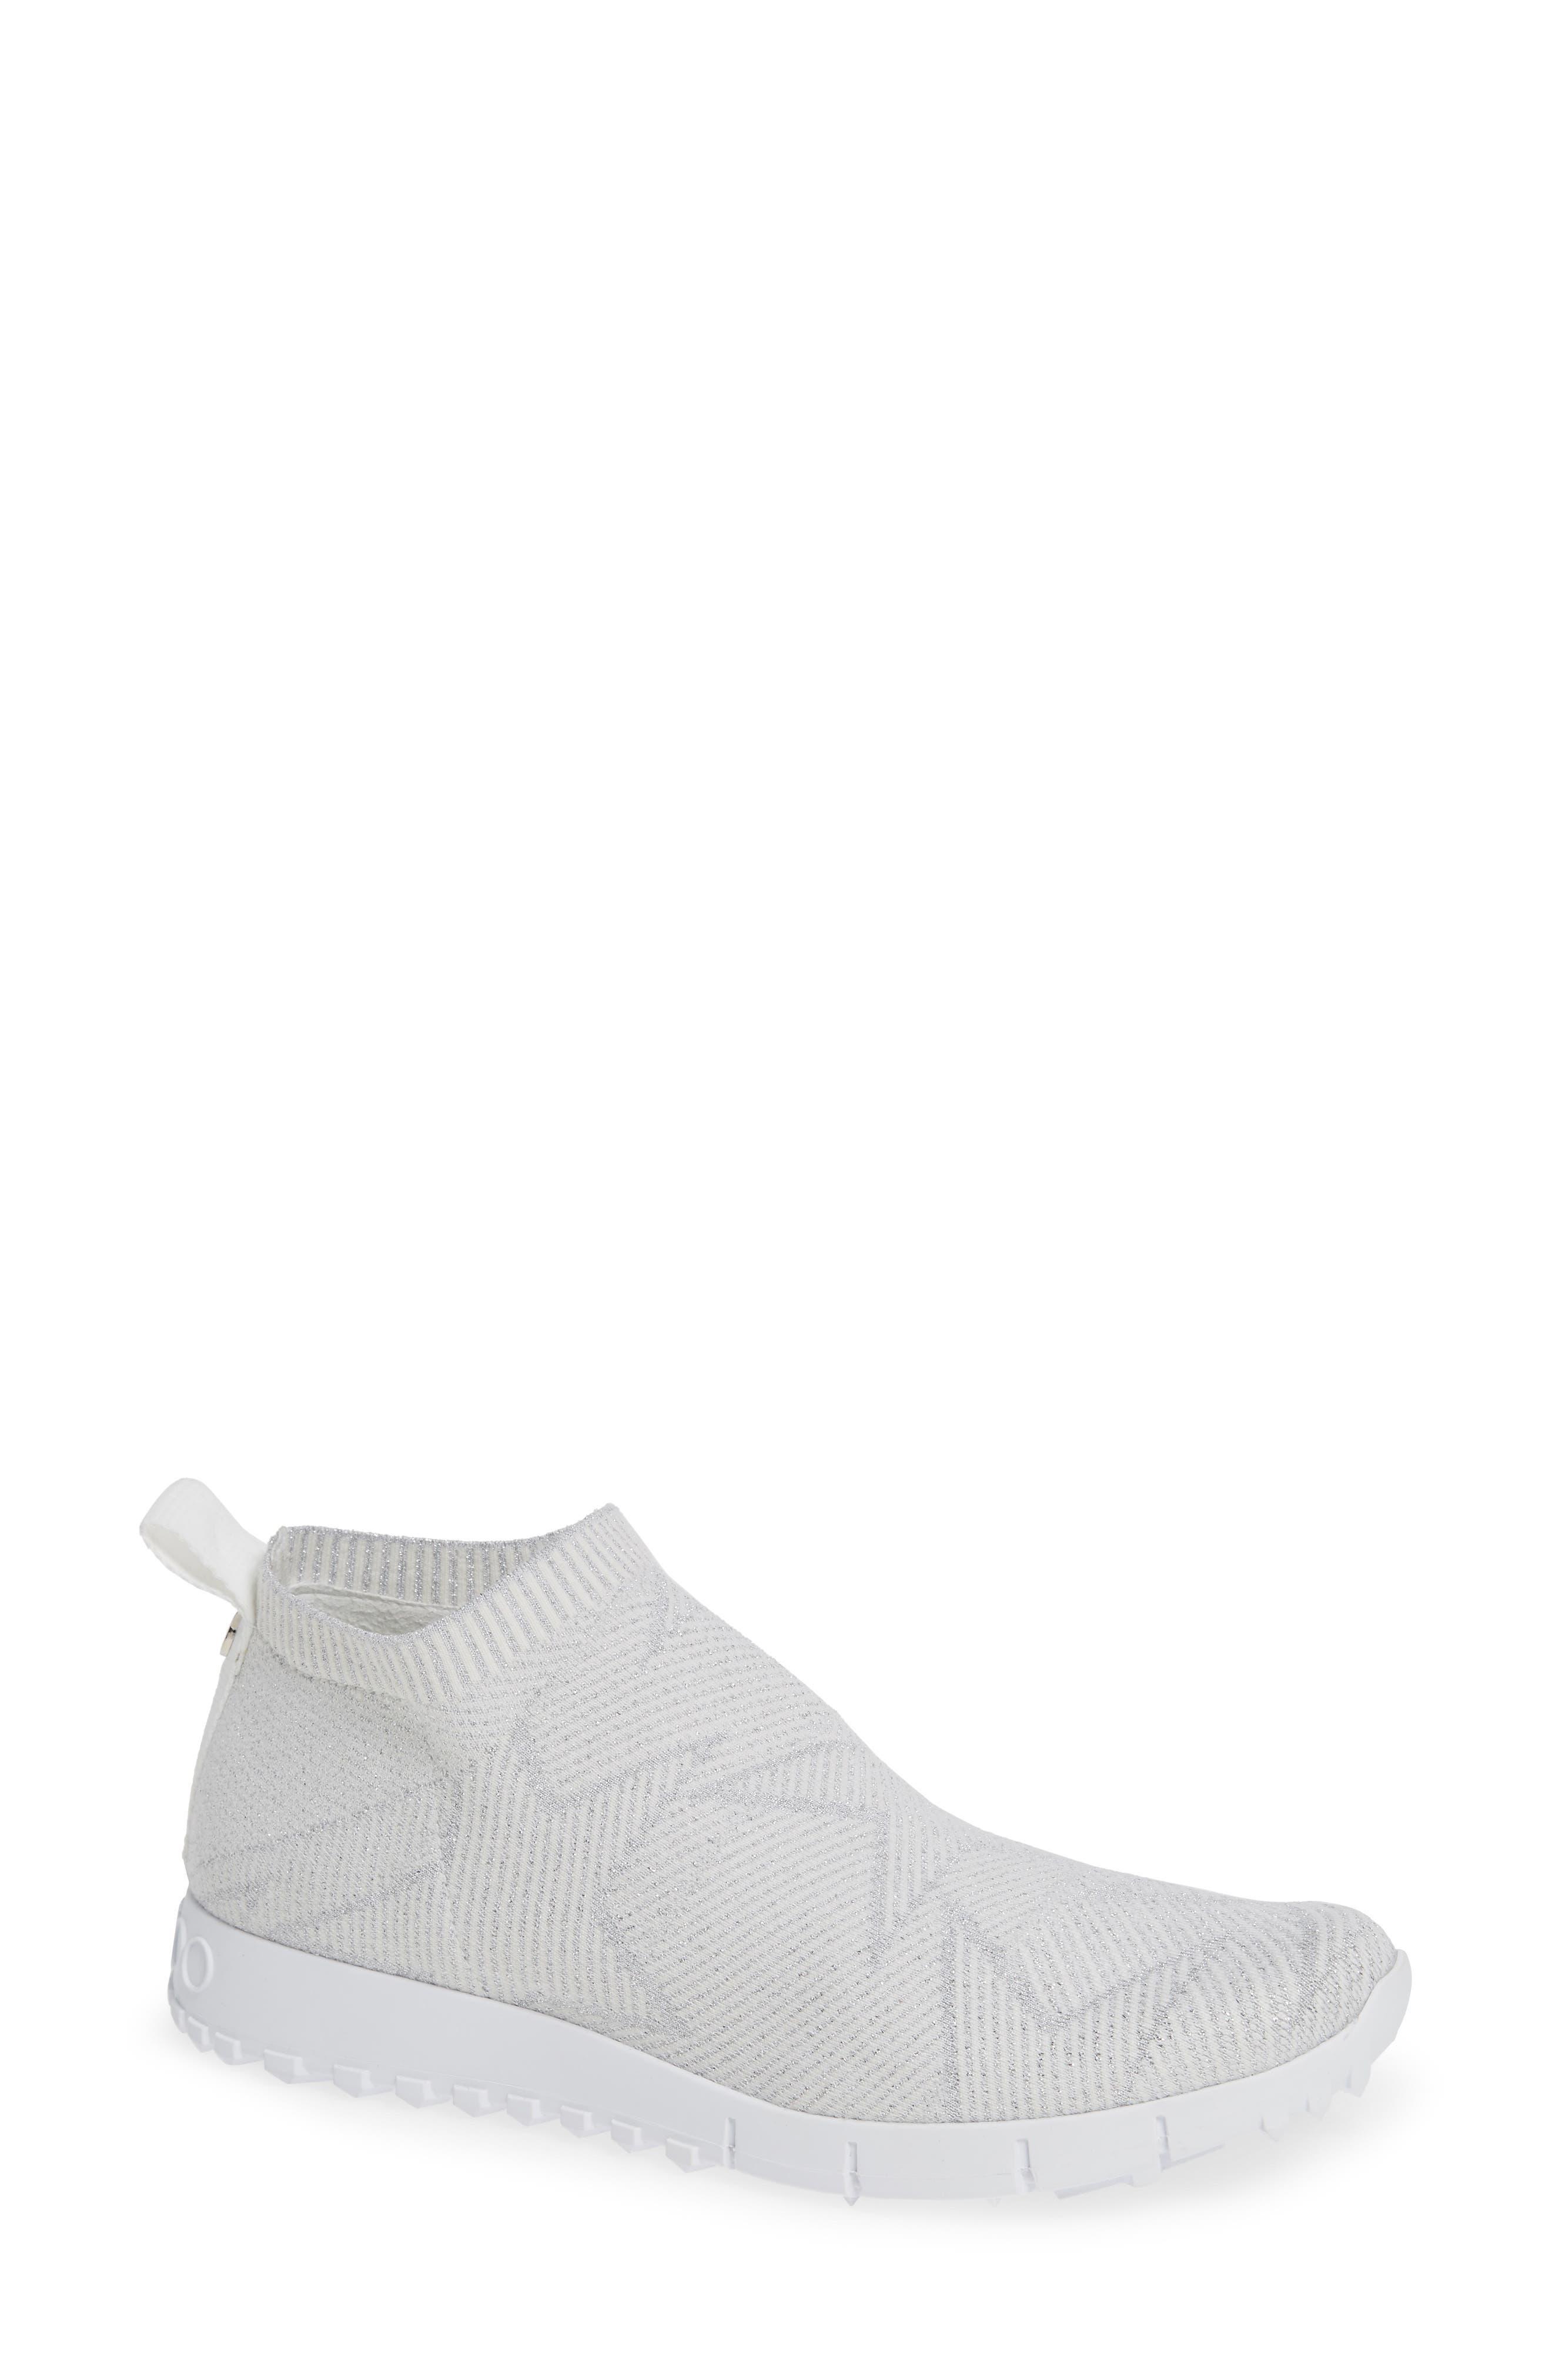 Norway Star Slip-On Sneaker,                             Main thumbnail 1, color,                             WHITE